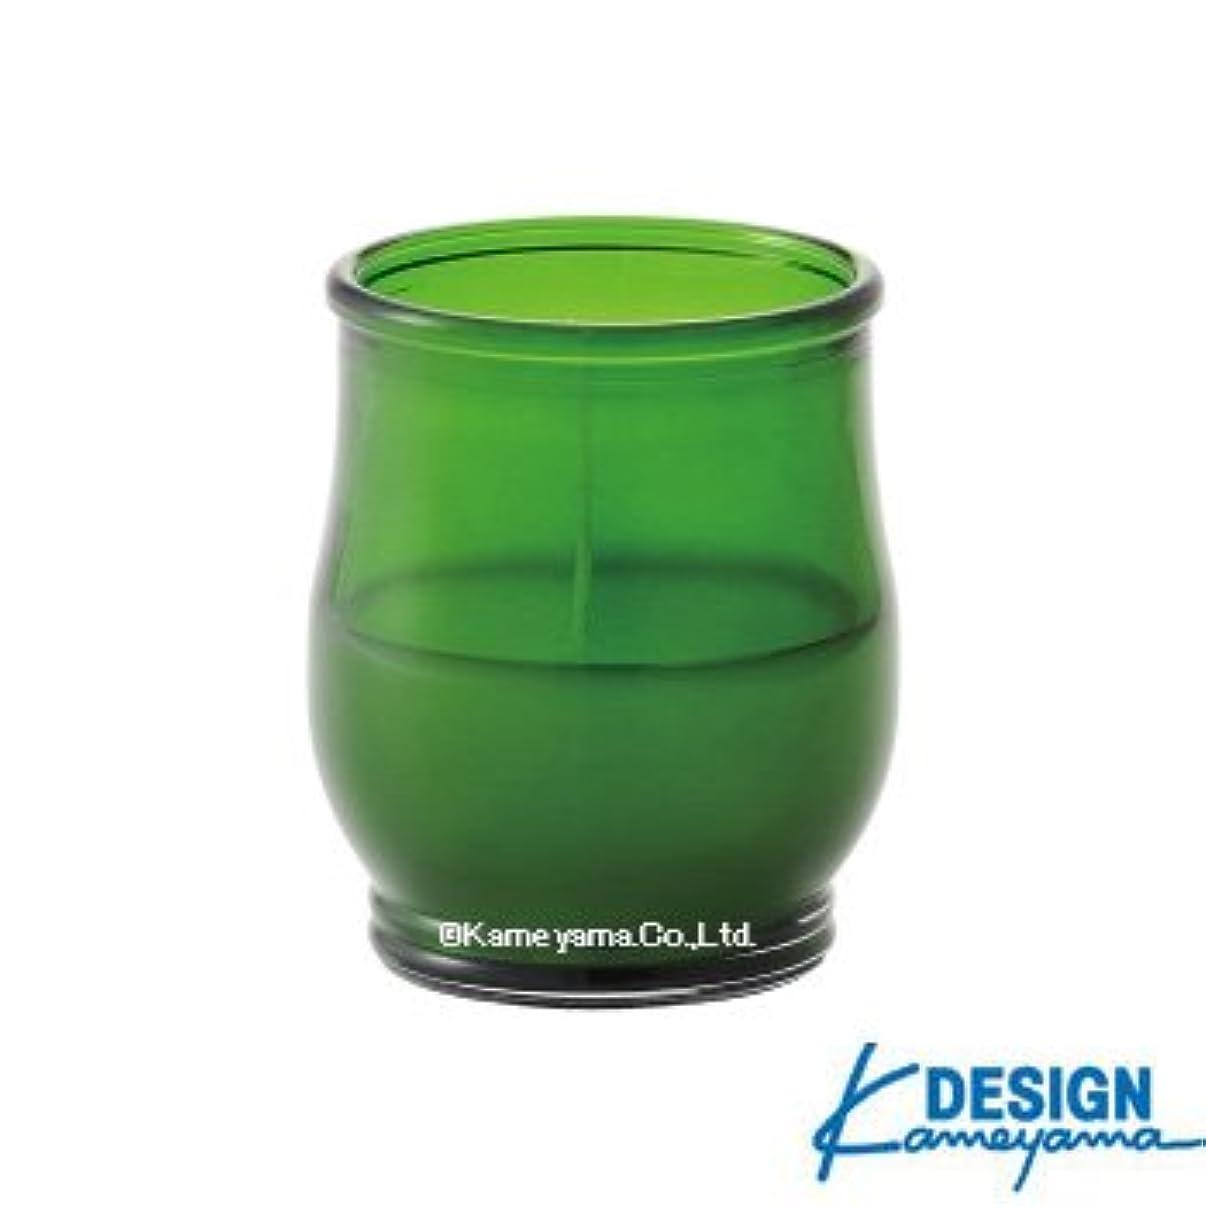 実験ハンサム運命的なカメヤマキャンドル グラスキャンドル ポシェ ex グリーン 6個セット